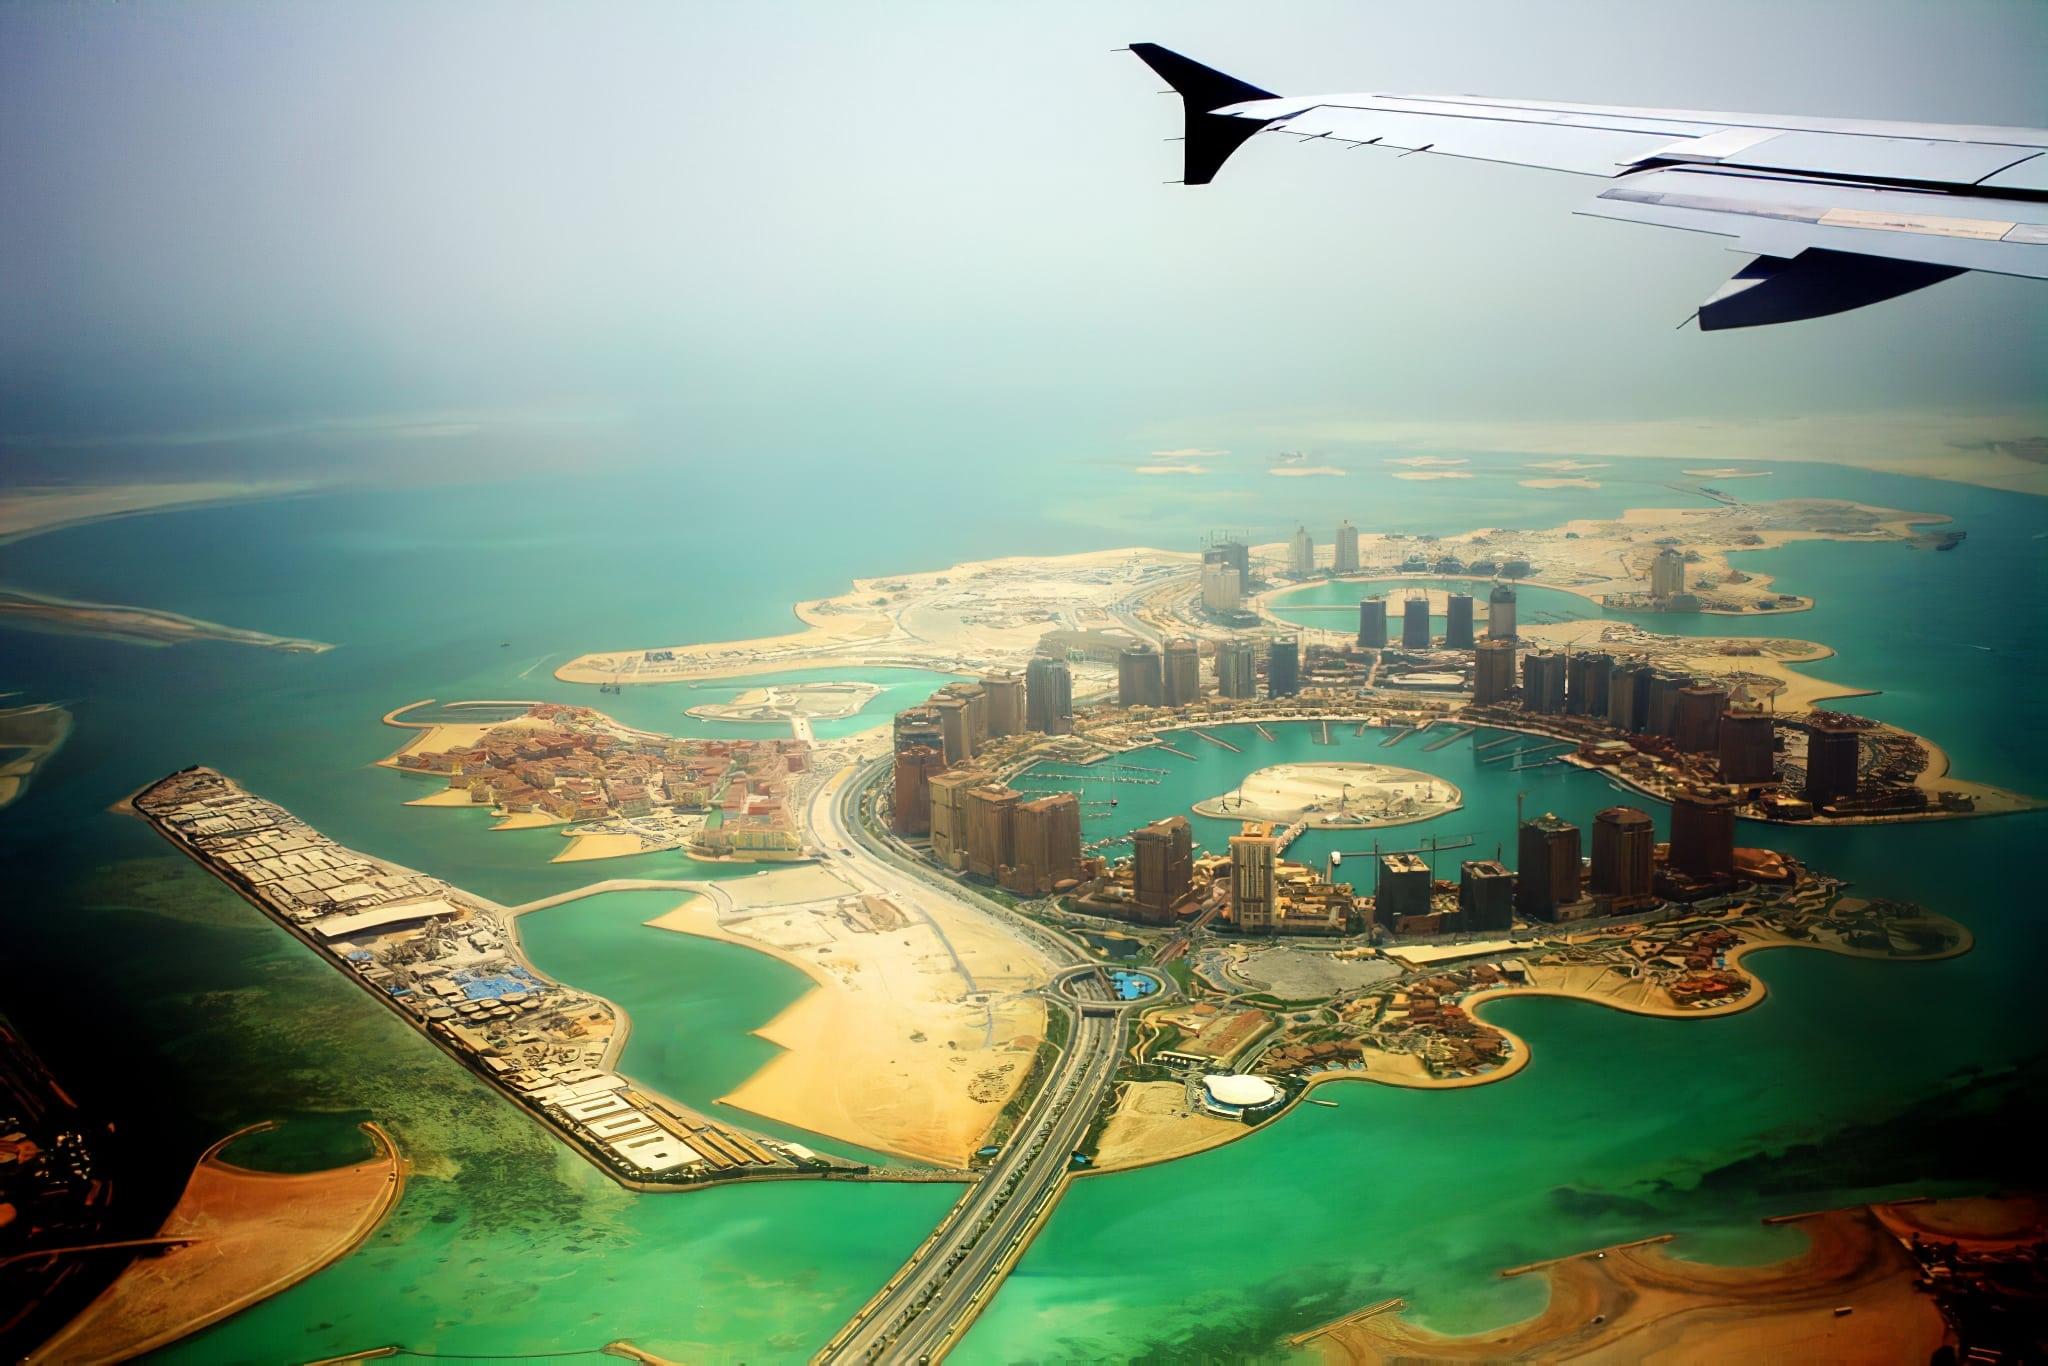 24 magnifiques photos prises depuis le hublot d'un avion